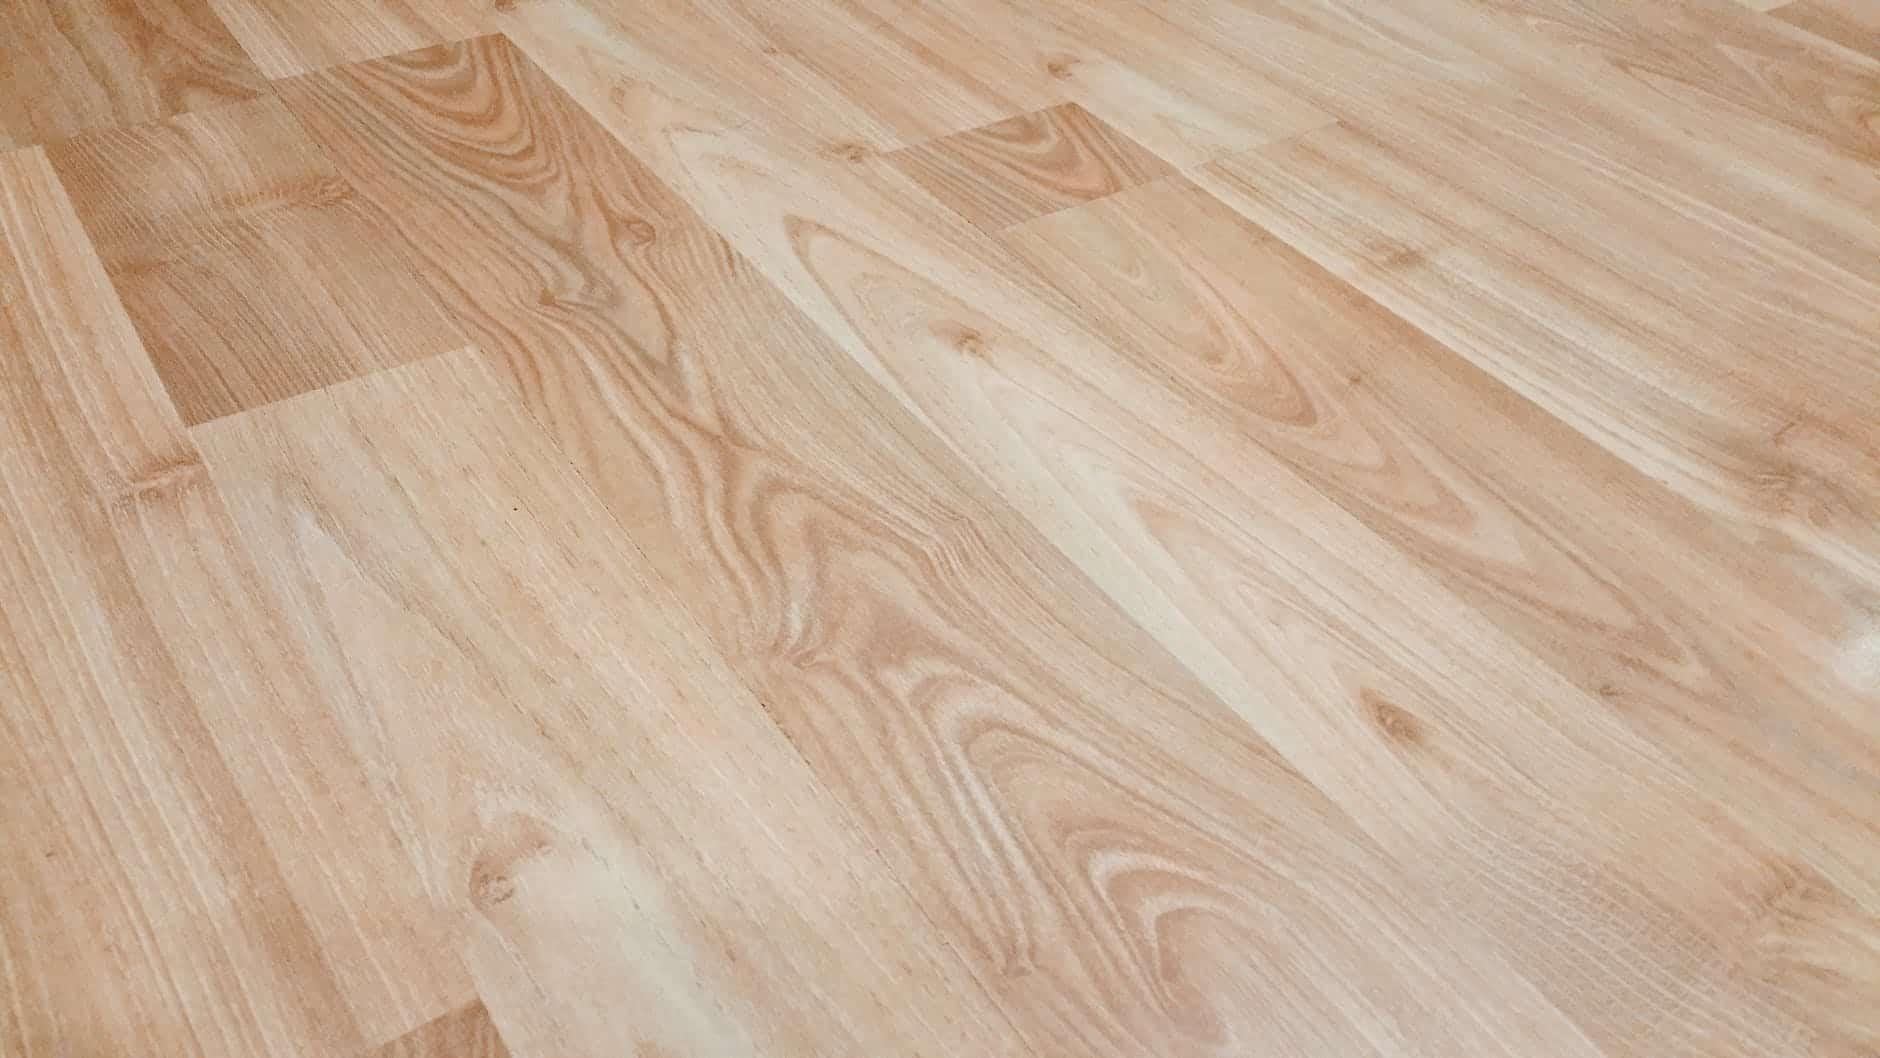 Ačkoliv dřevo patří mezi populární interiérové podlahy, pro podlahové topení nemusí být nejefektivnější.